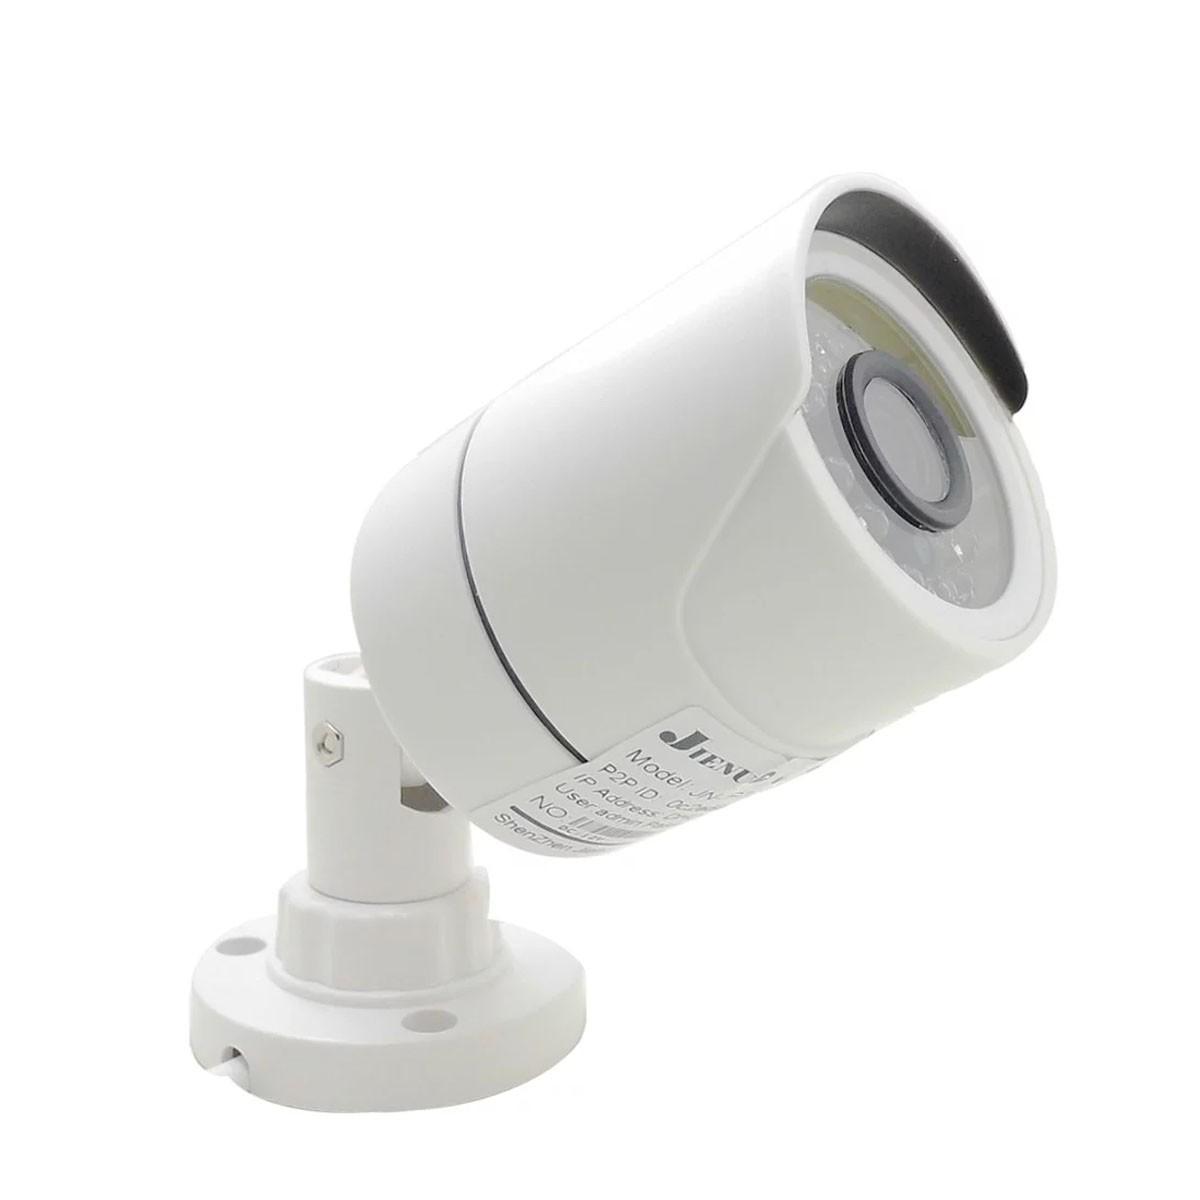 Kit 2 Câmeras Ahd 960p 30Mts Com Fonte e Conectores